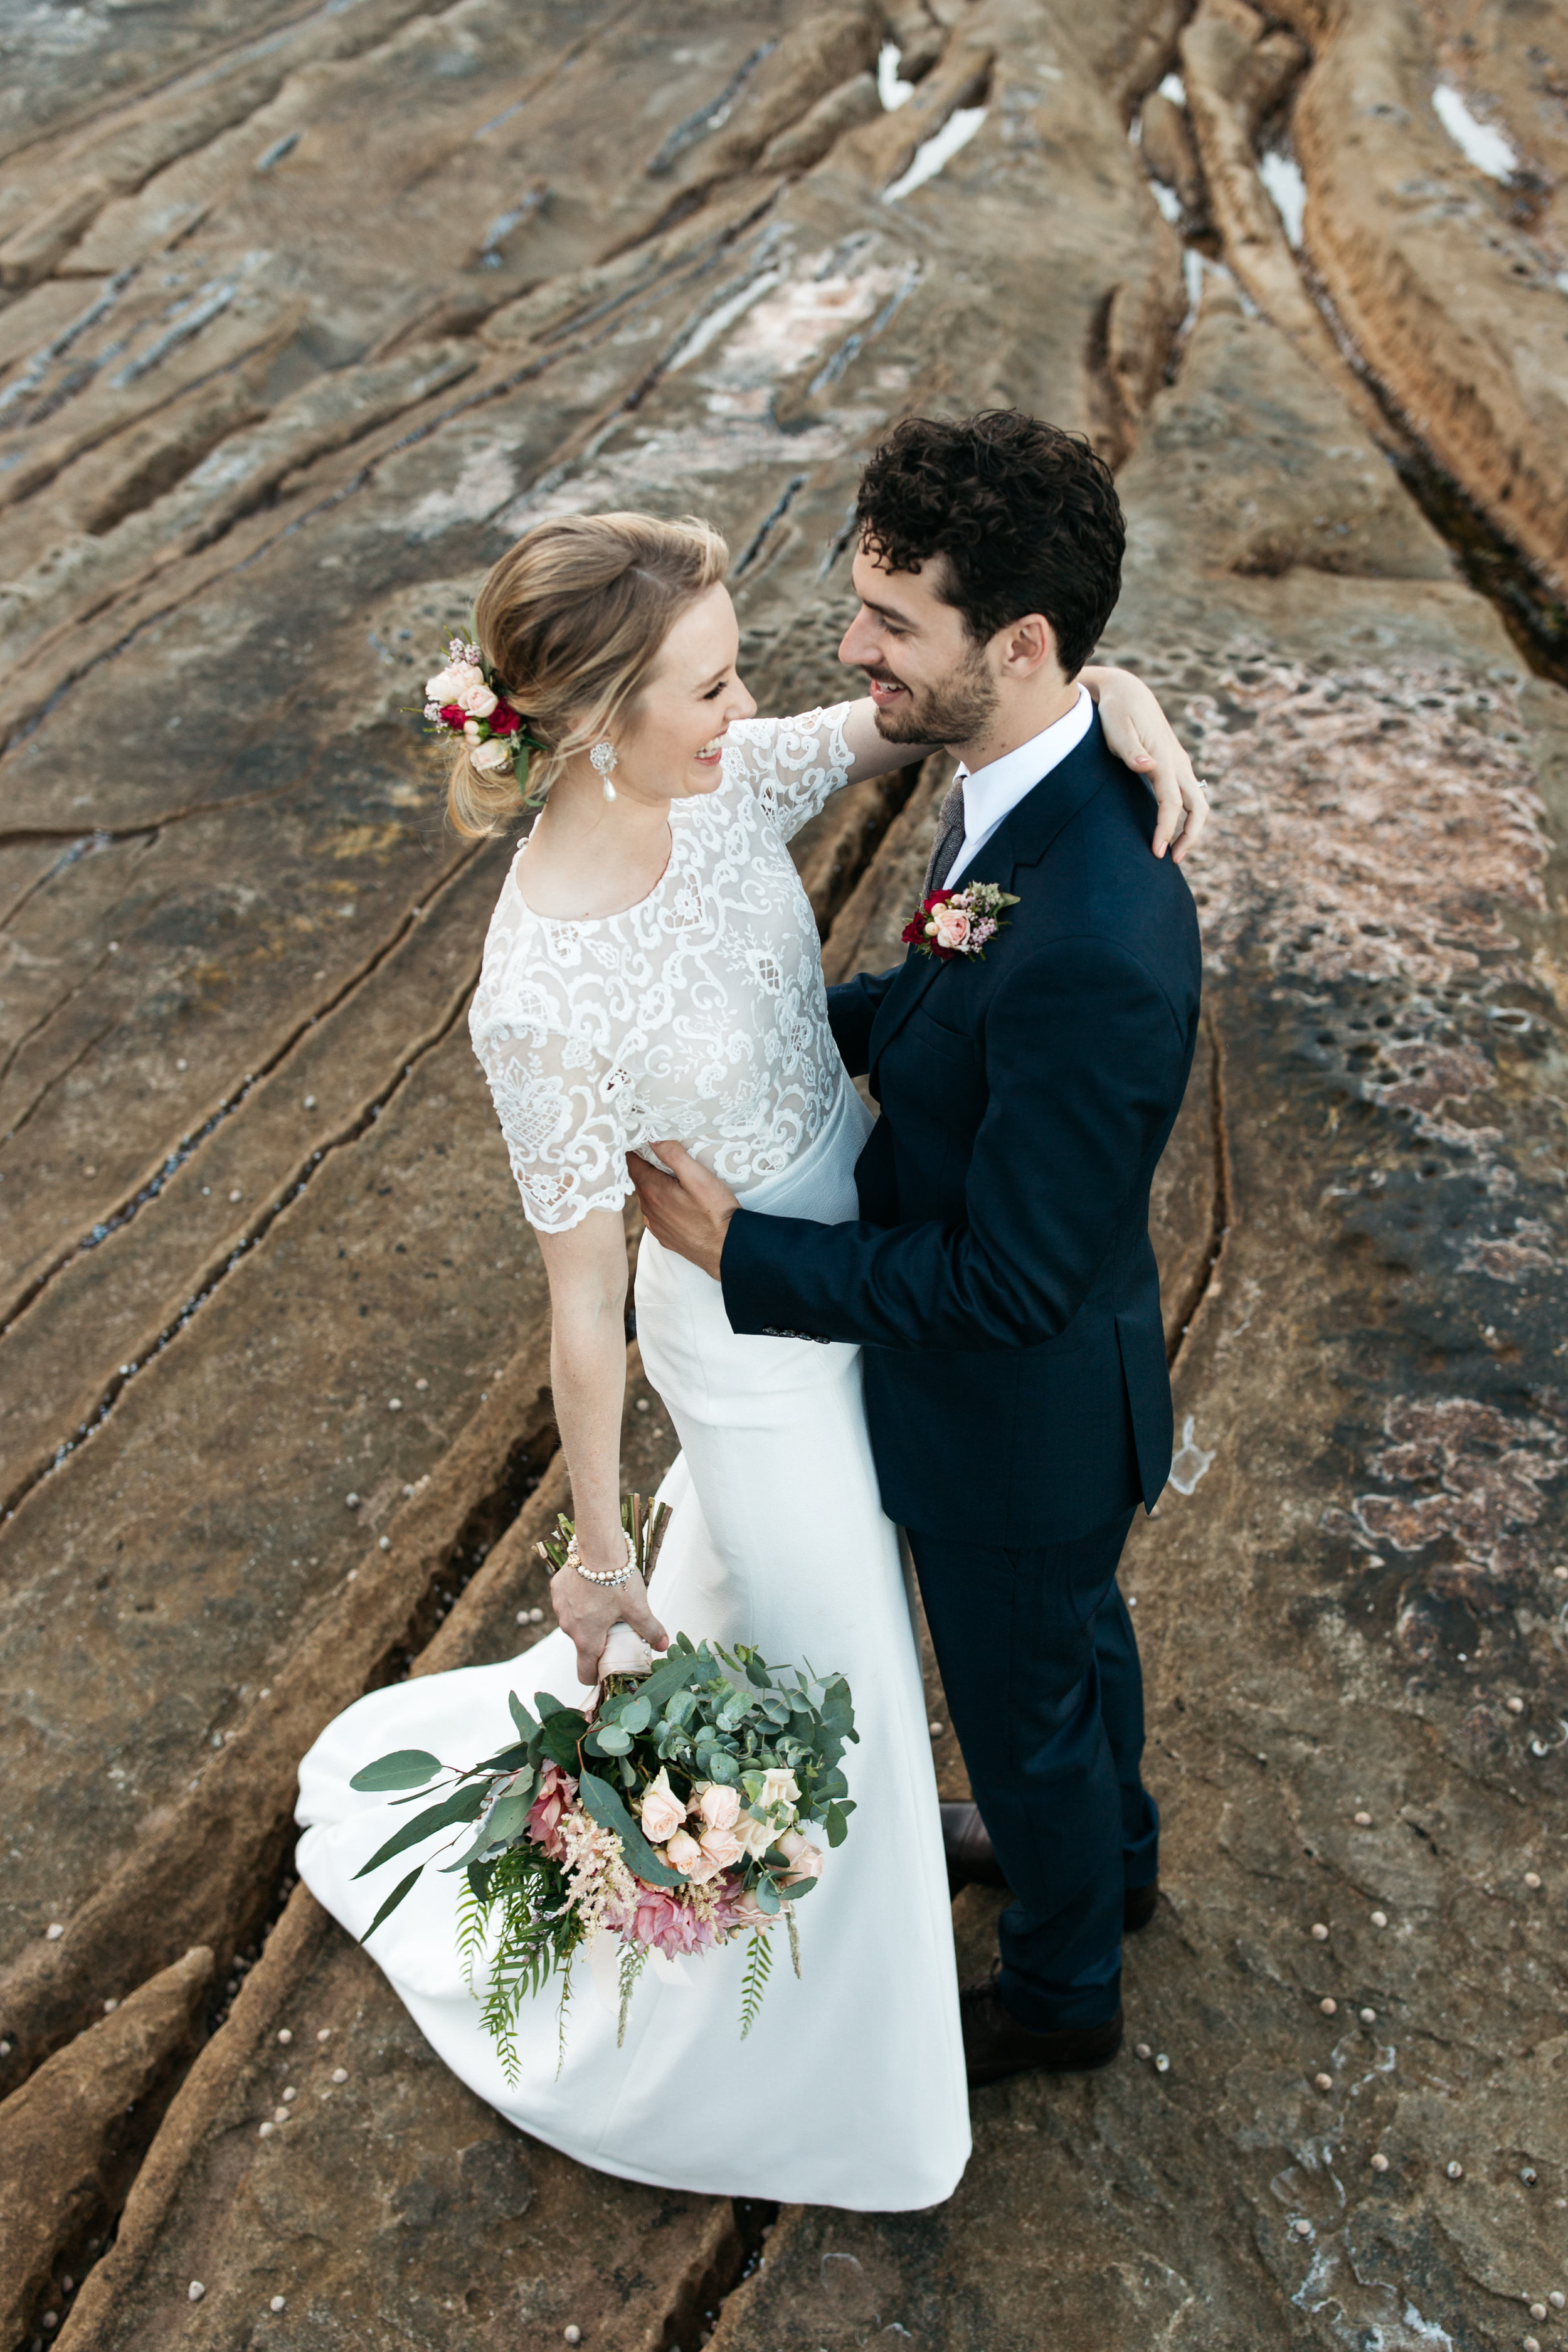 rhys paige tanyaa anic bridal photos by jessie ann R+P-193.jpg